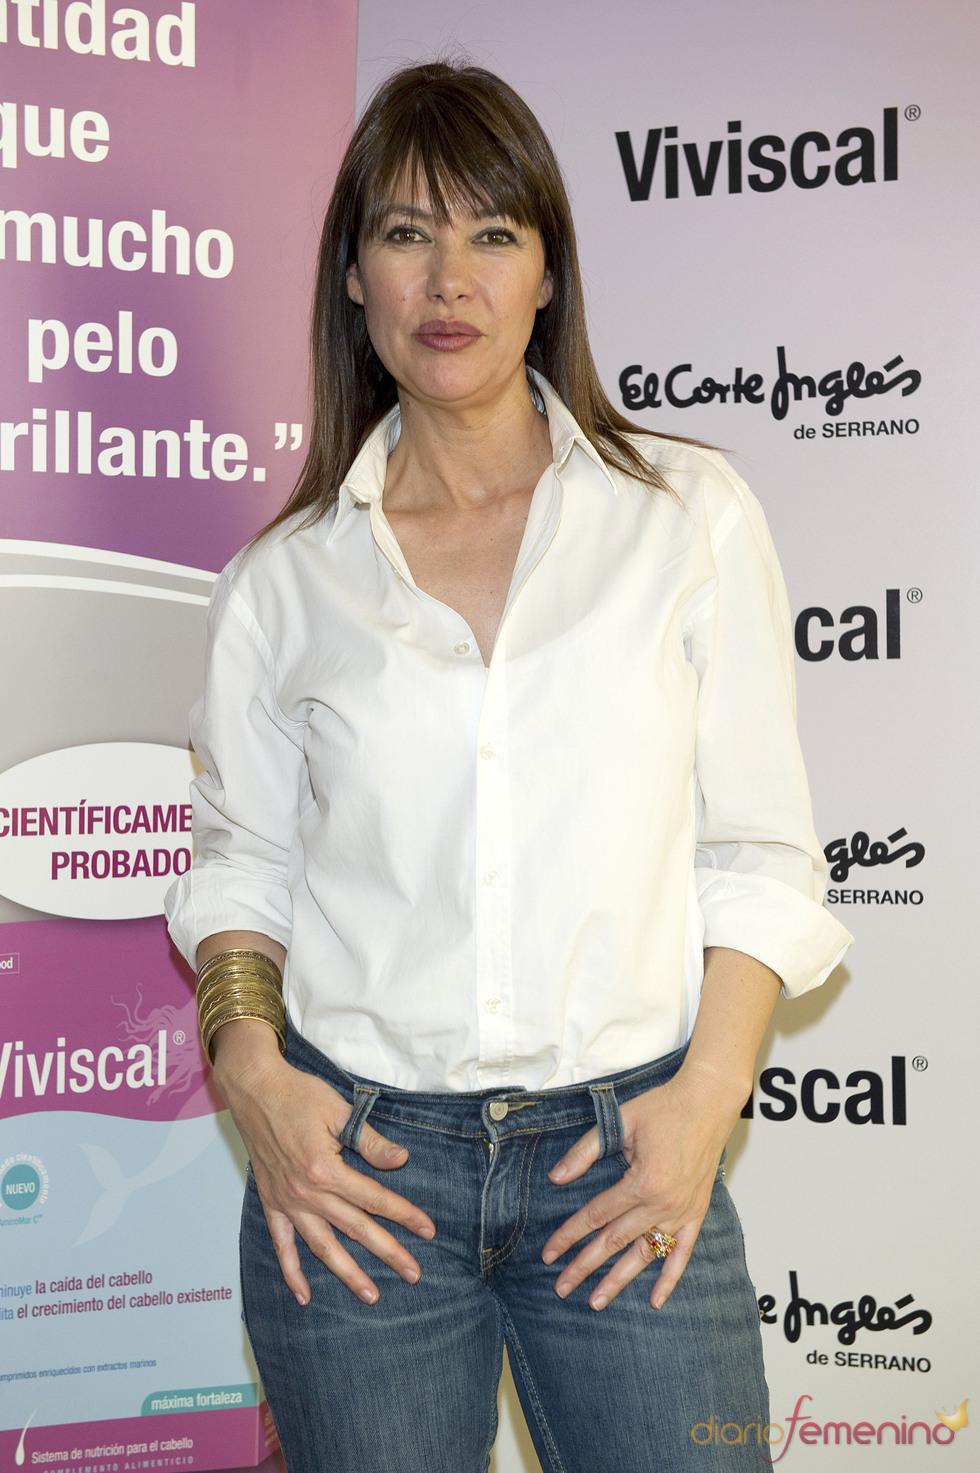 Mabel Lozano en la presentación del producto para la caída del cabello Viviscal